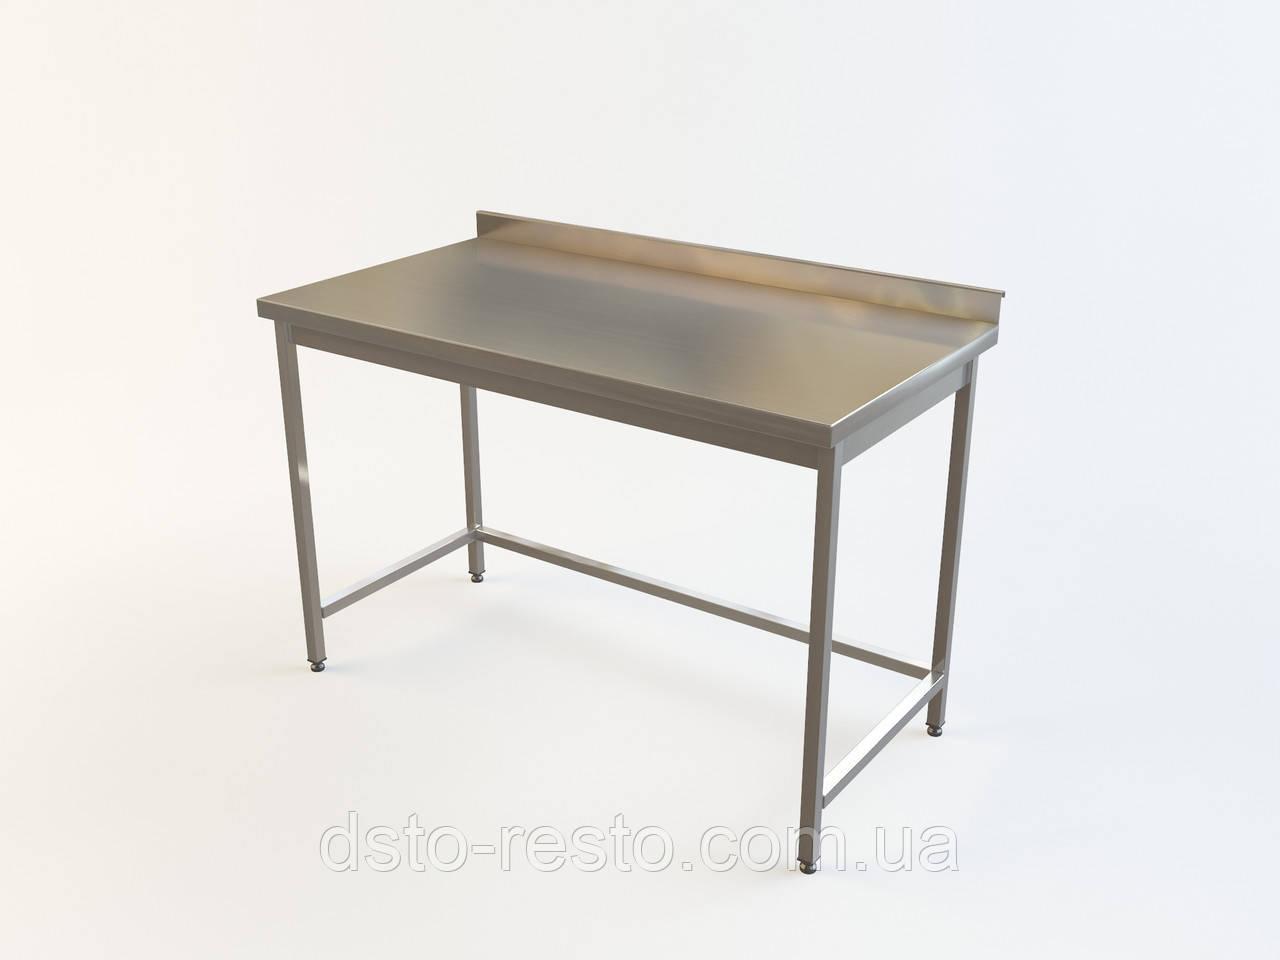 Стол из нержавейки для ресторана без нижней полки 700/600/850 мм